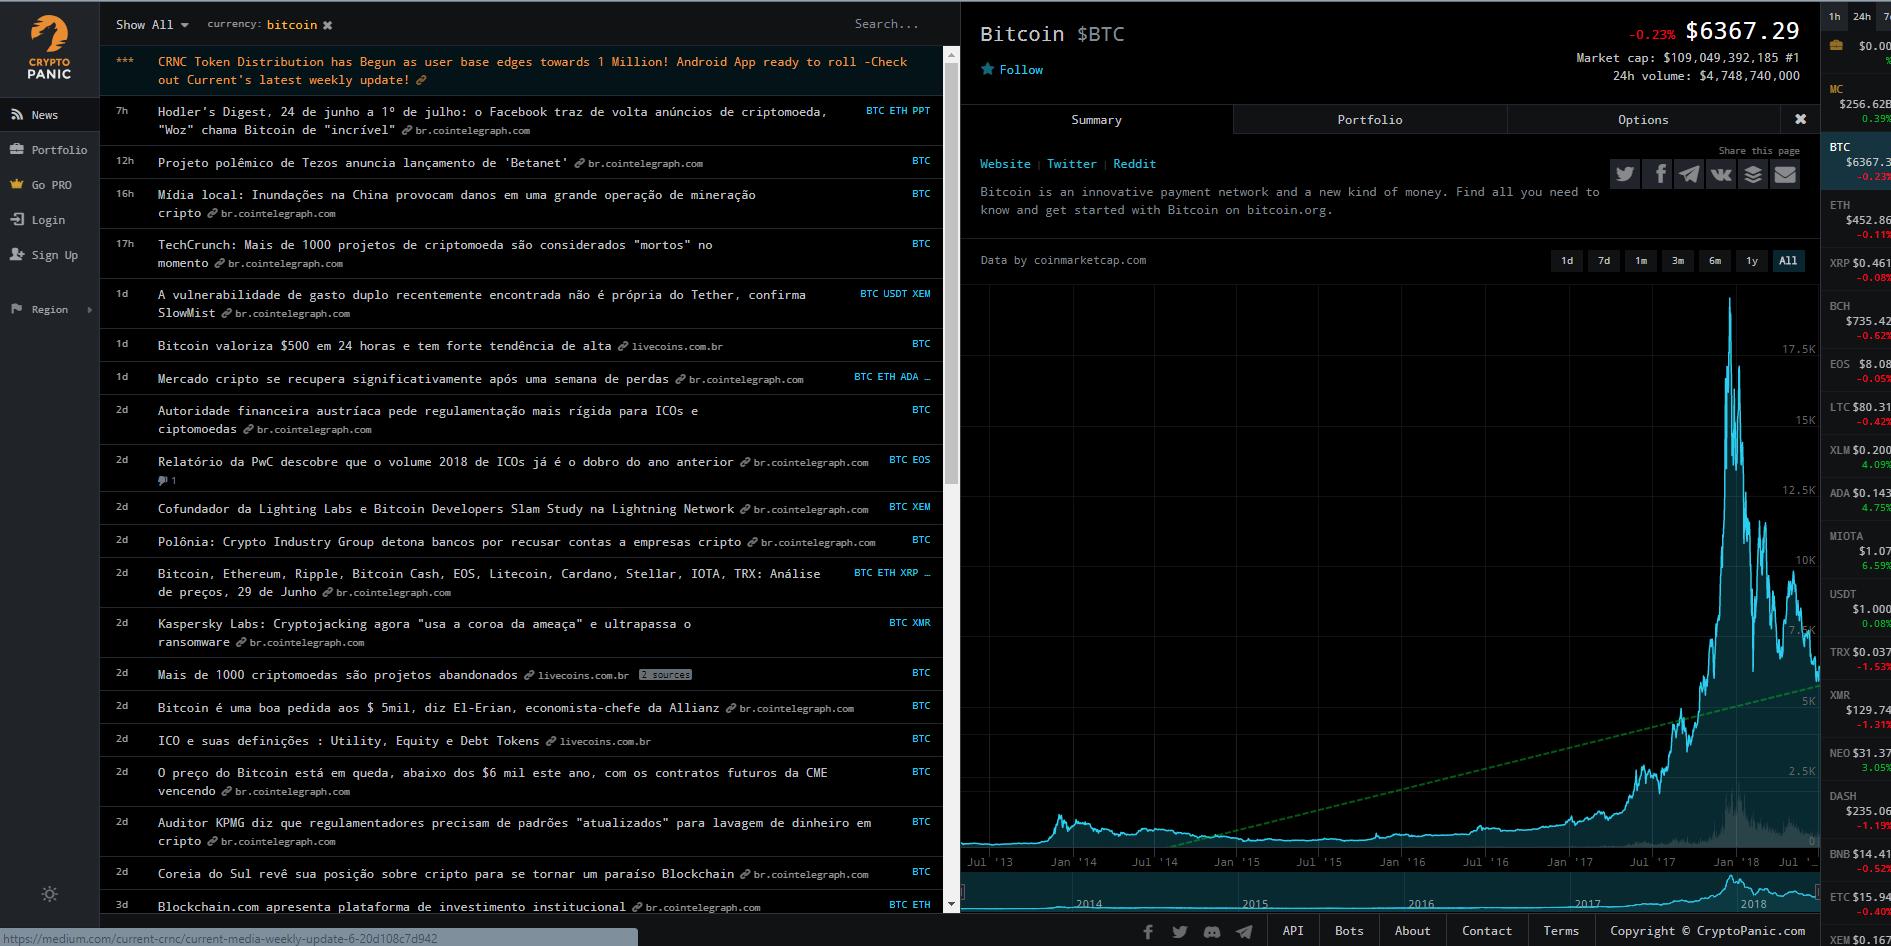 Cryptopanic, selecionando notícias de Bitcoin